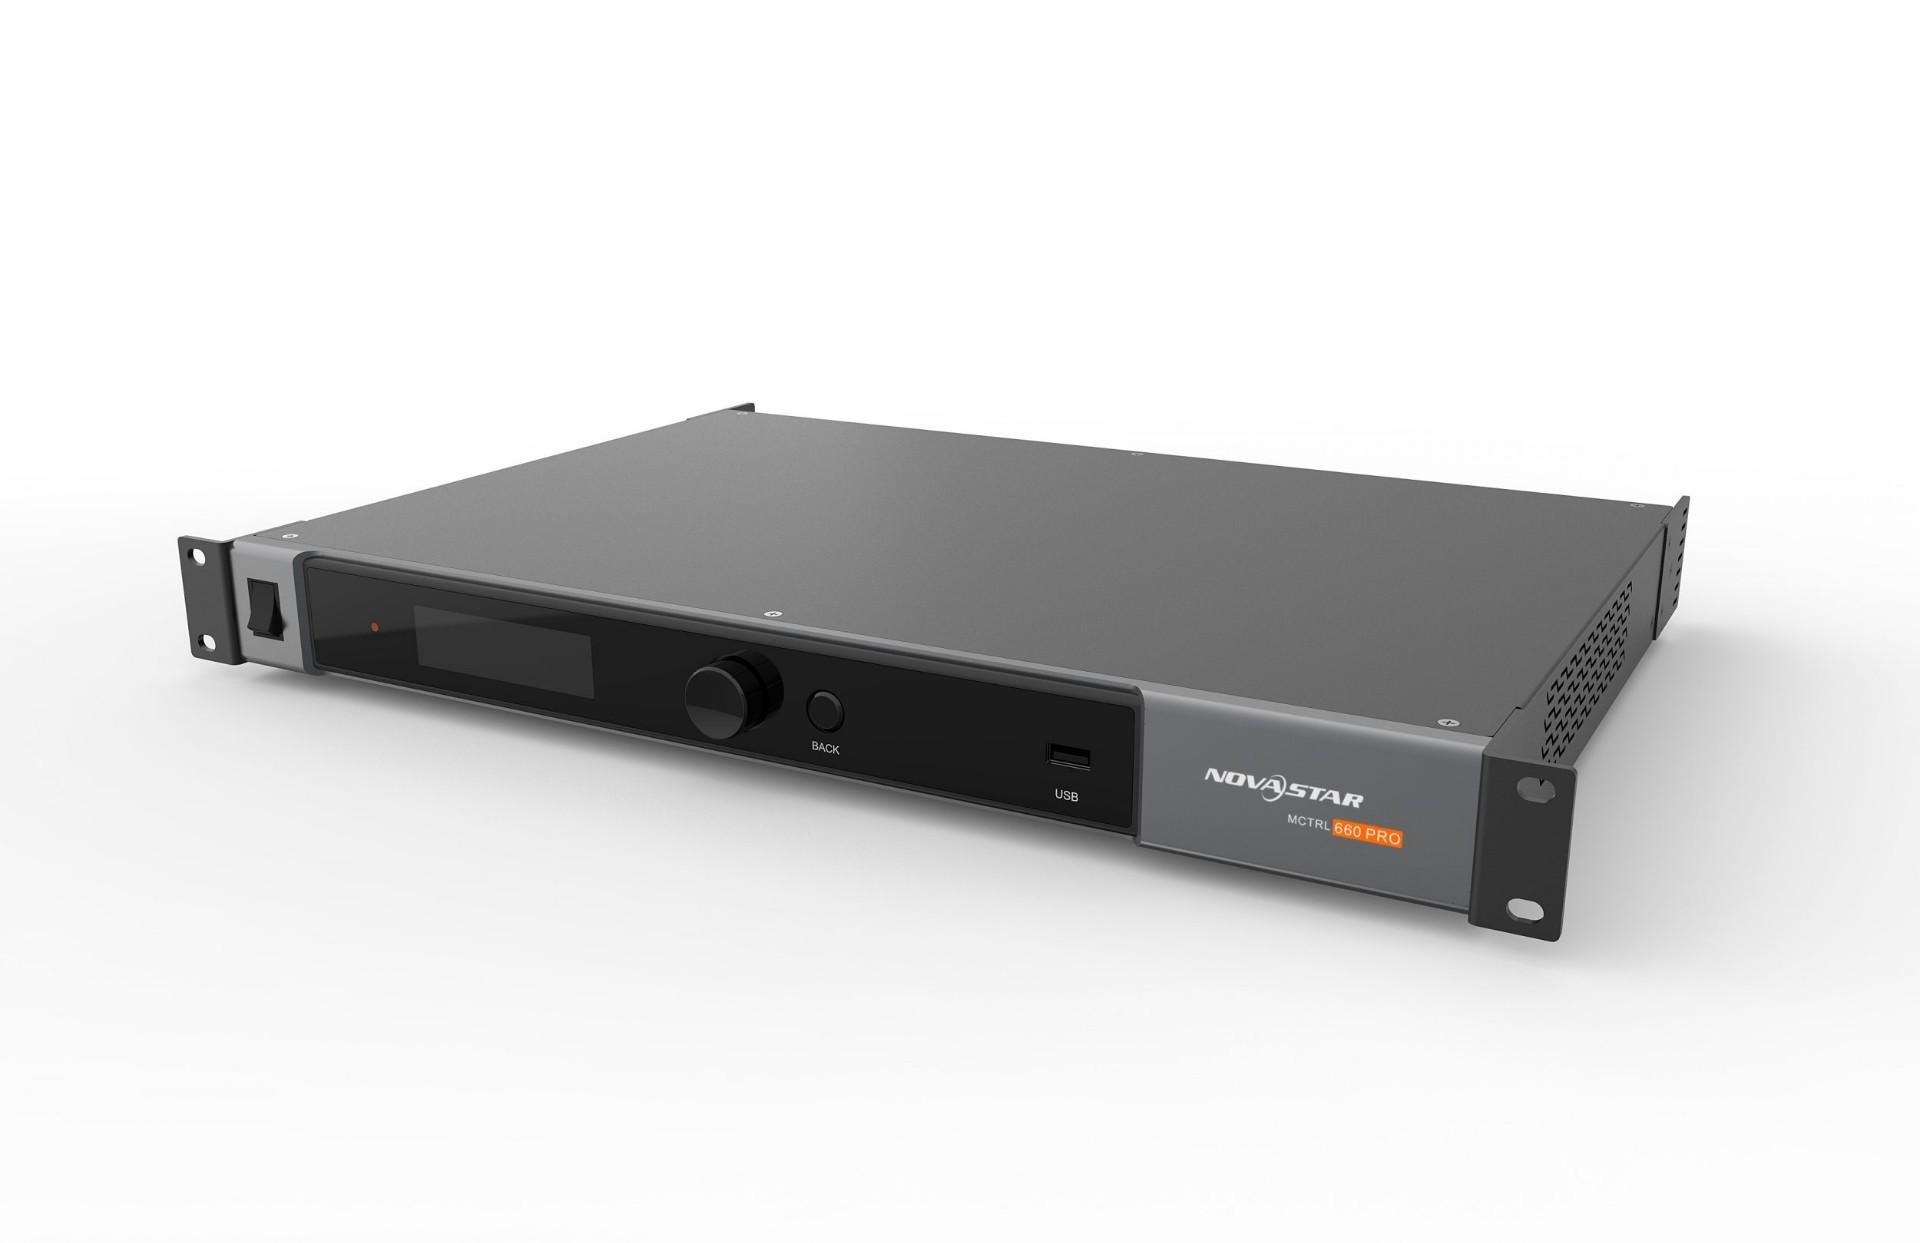 NovaStar Synchronous Controller MCTRL660 PRO